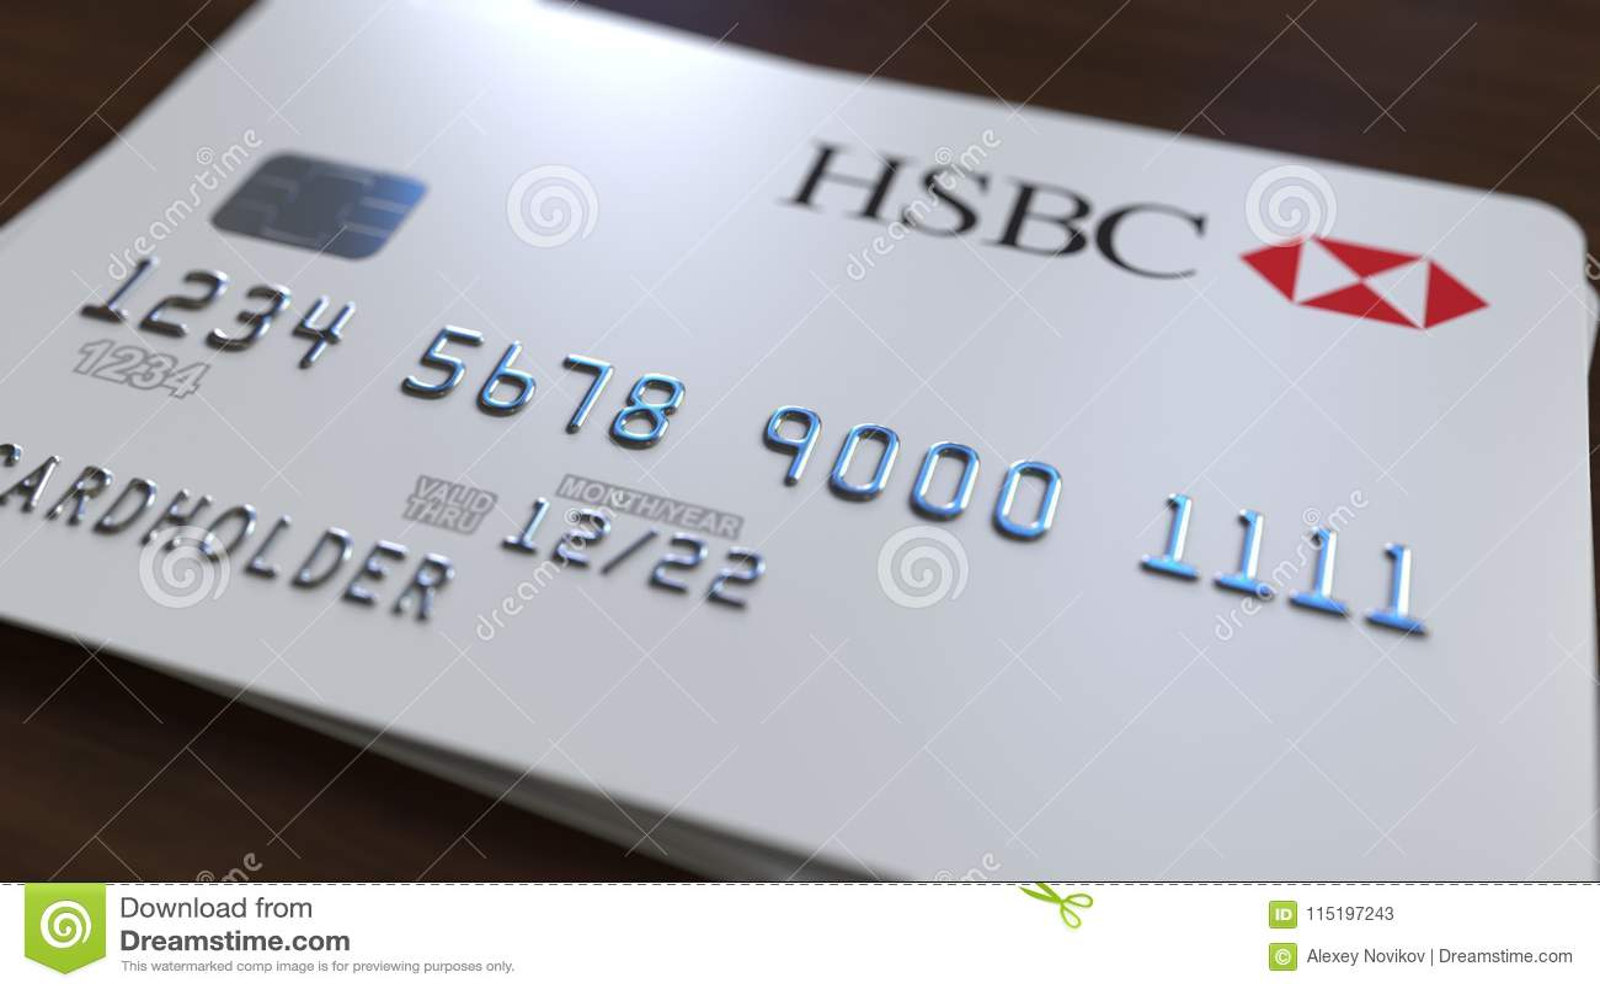 hsbc банк в москве кредитные карты